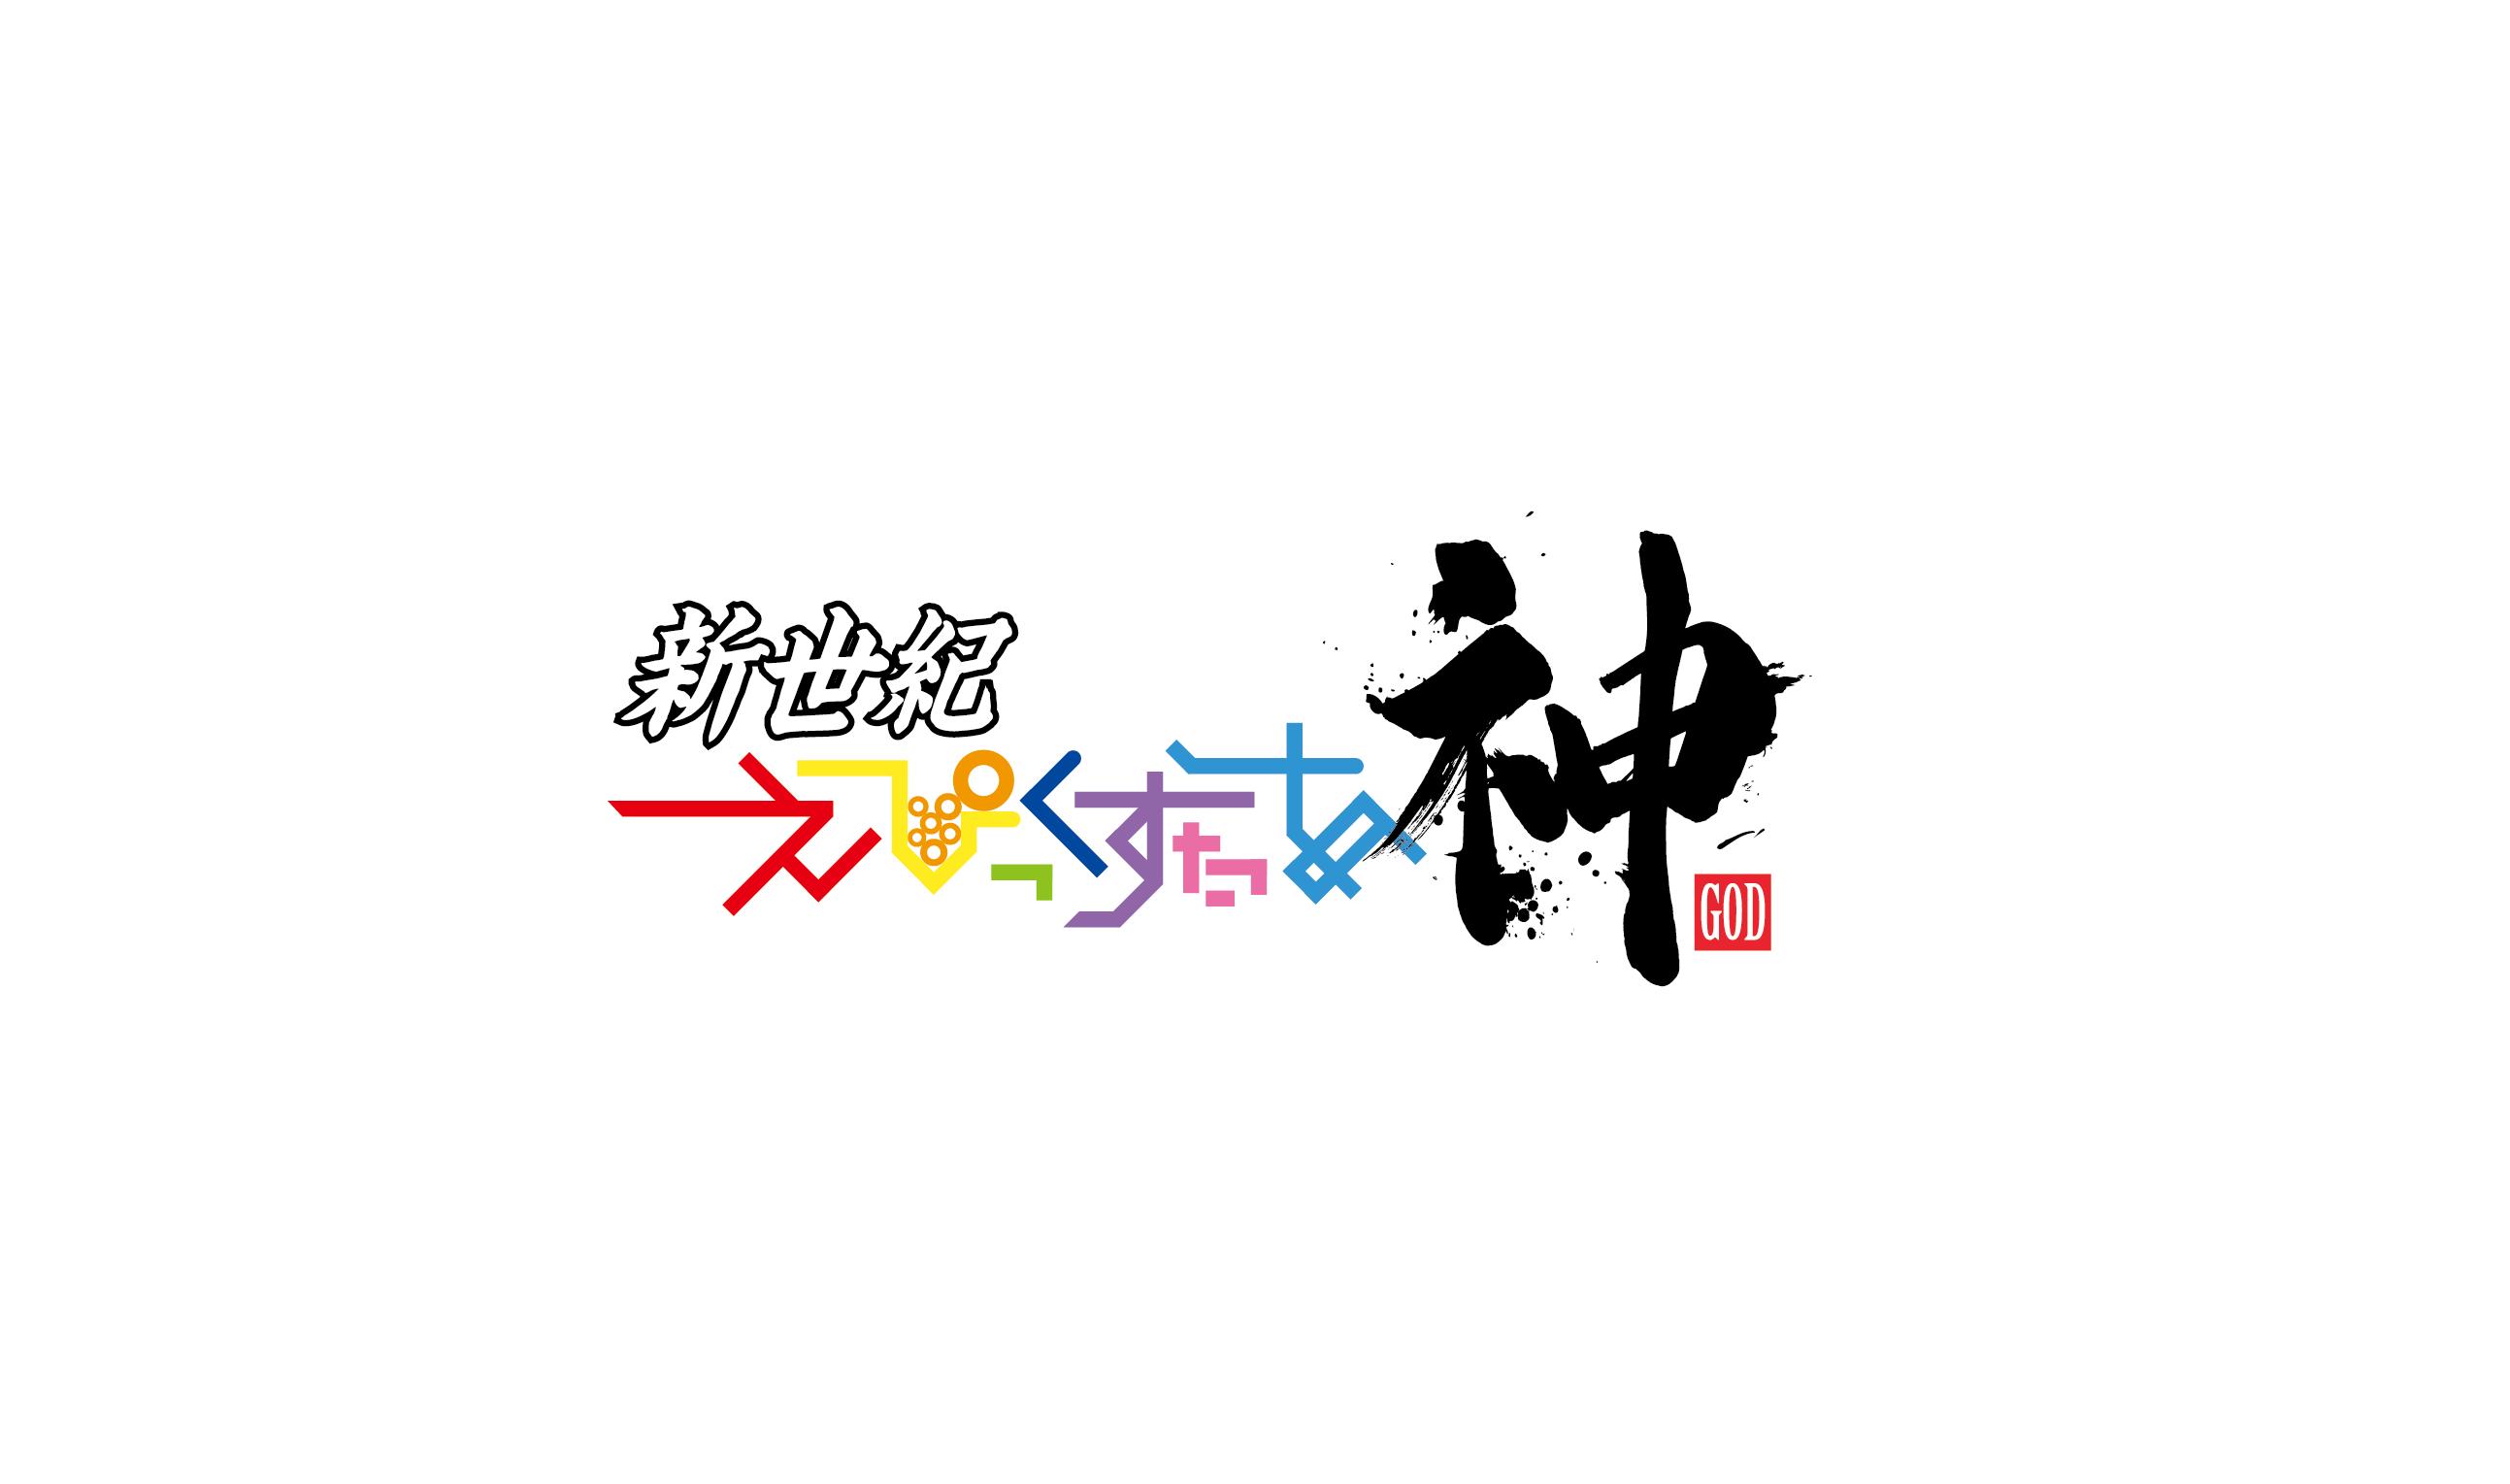 新世紀えぴっくすたぁネ申 主催 「スリーマンライブ ストリームホール公演」 【2部】